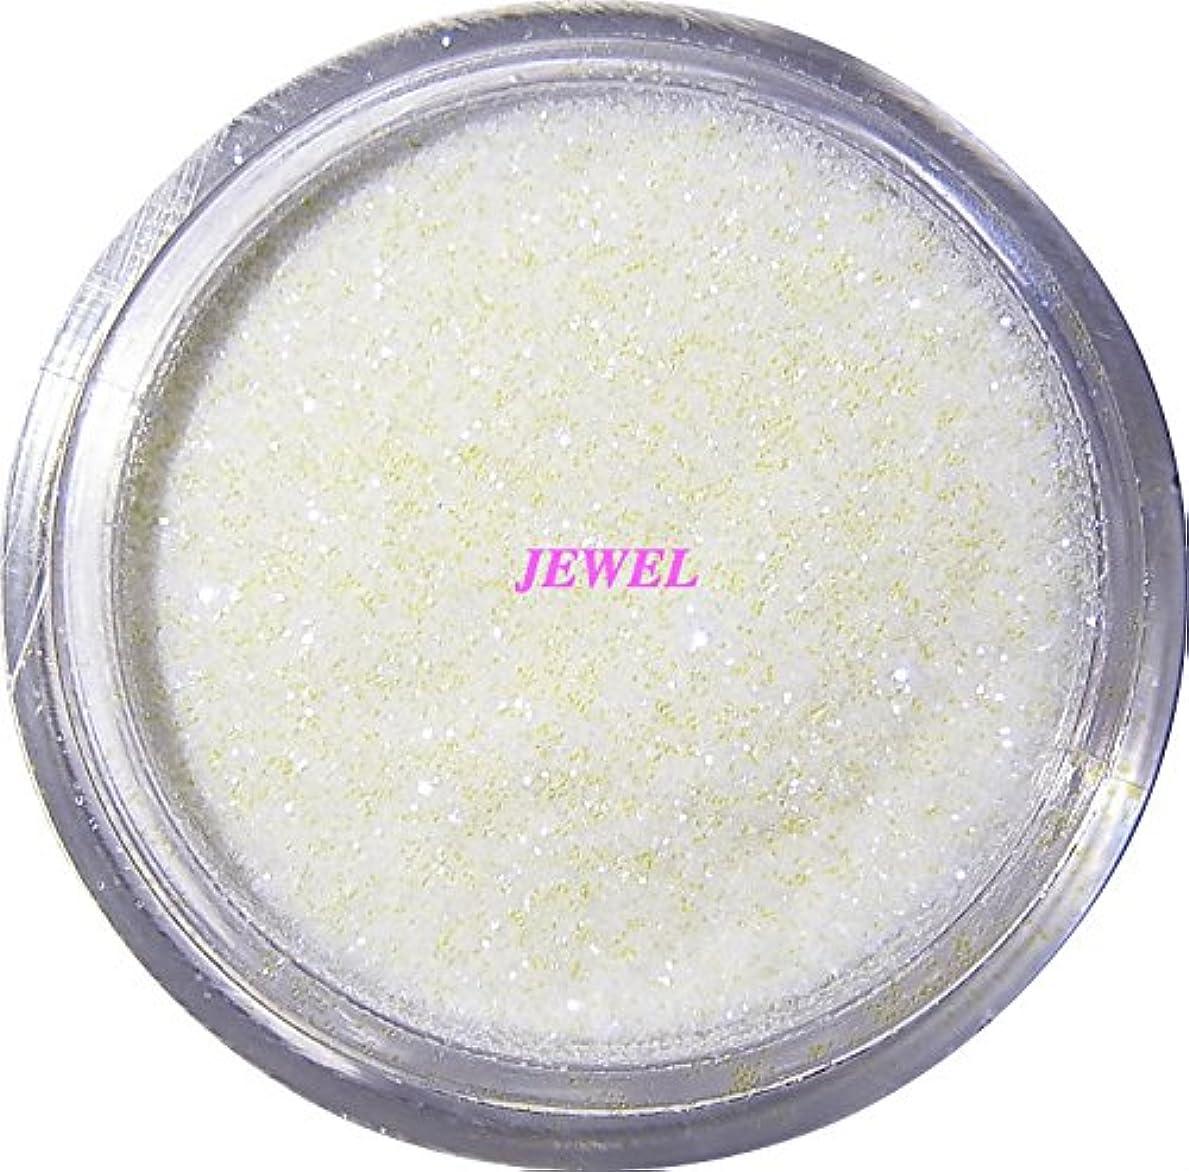 施設ペストバズ【jewel】 超微粒子ラメパウダーたっぷり2g入り 12色から選択可能 レジン&ネイル用 (パールホワイト)